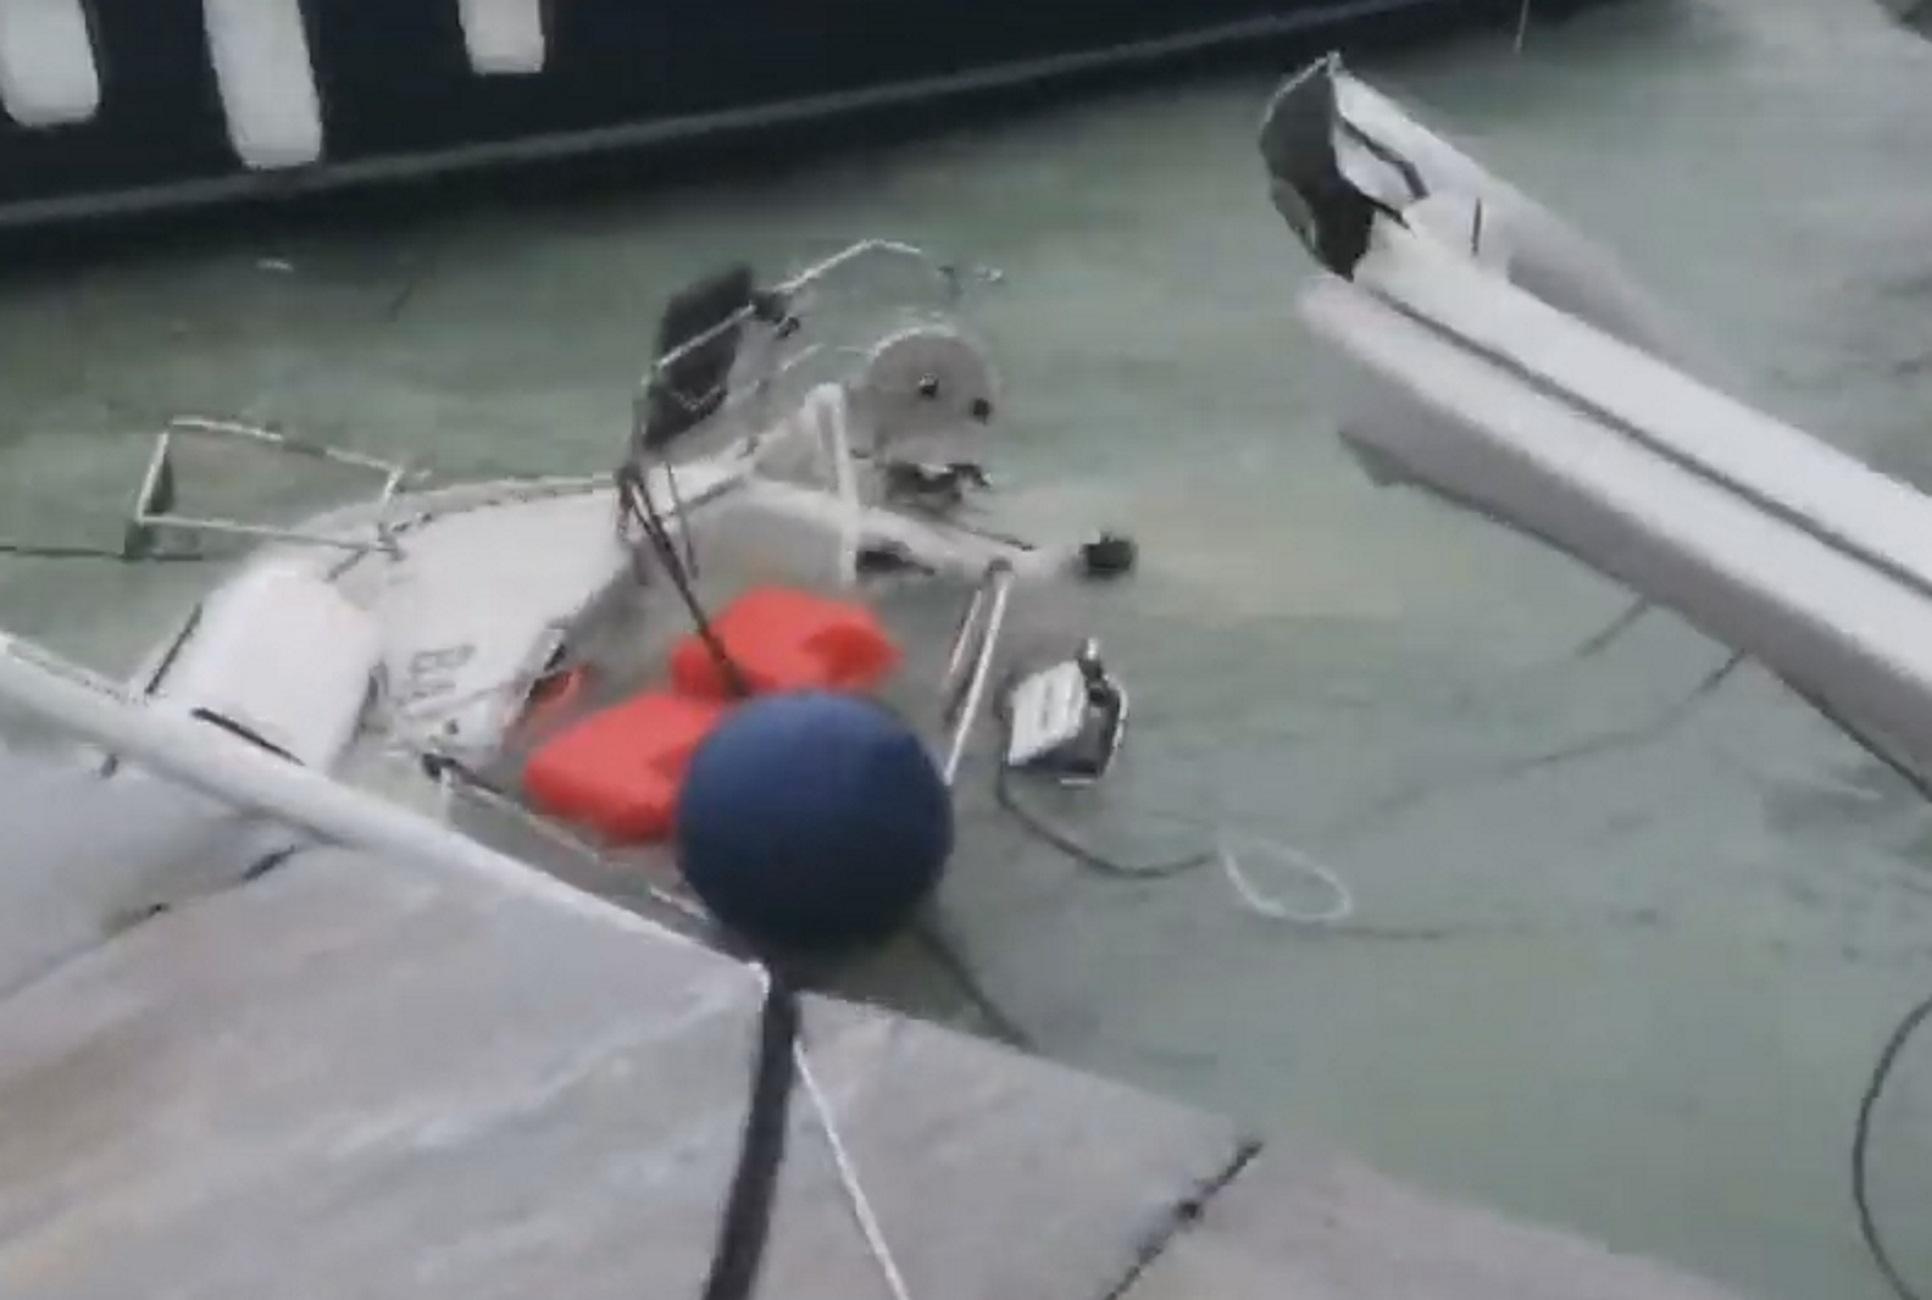 Ζάκυνθος – Ιανός: Βούλιαξε ιστιοφόρο και ξηλώθηκαν στέγες σπιτιών! Η δύναμη του κυκλώνα στην κάμερα (Βίντεο)